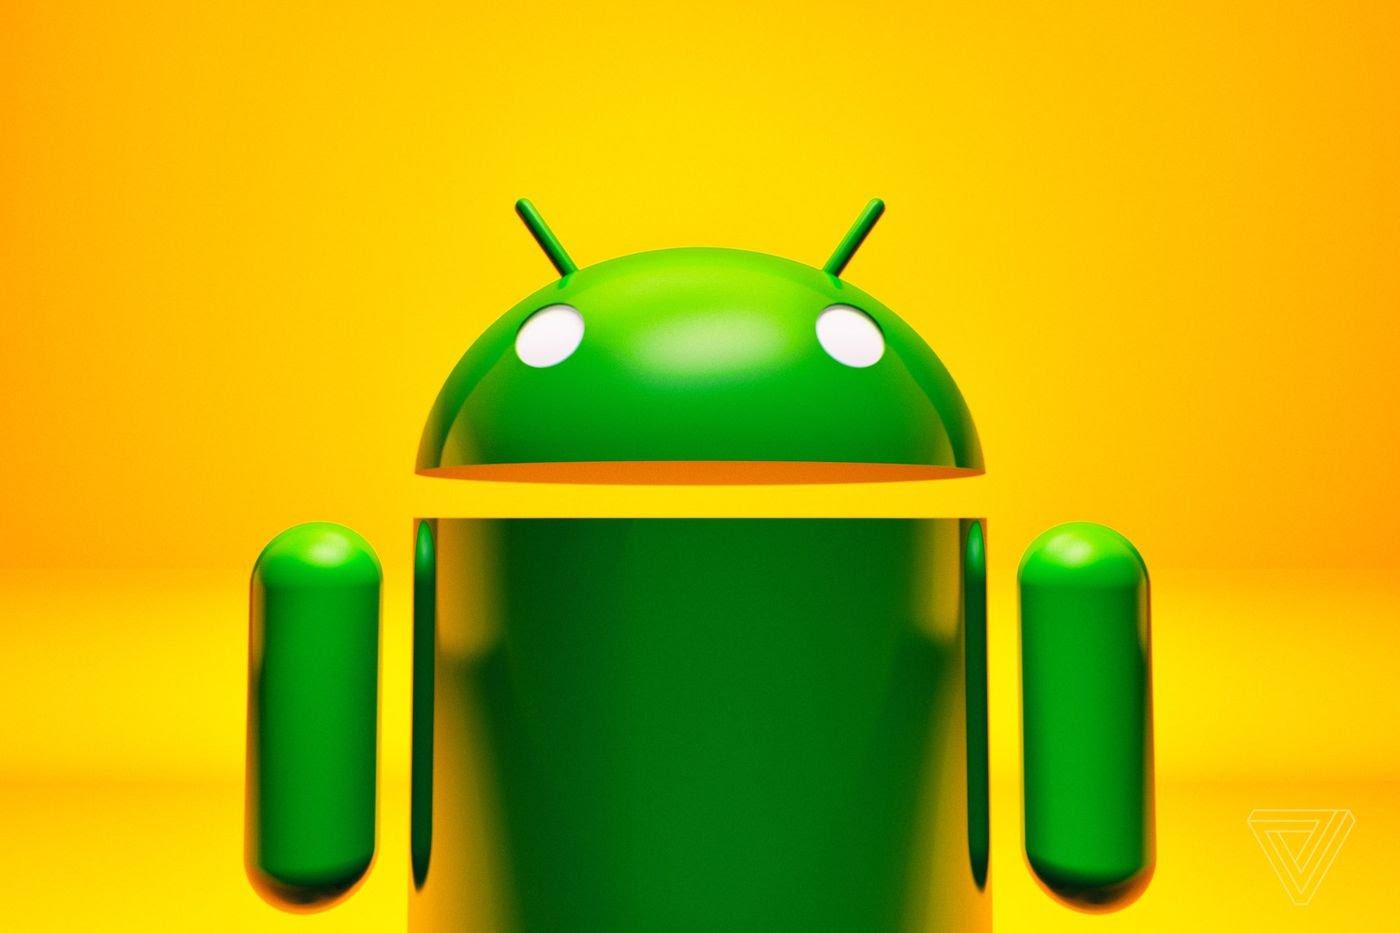 Специалисты : Google скрывает информацию ореальной безопасности Android-смартфонов